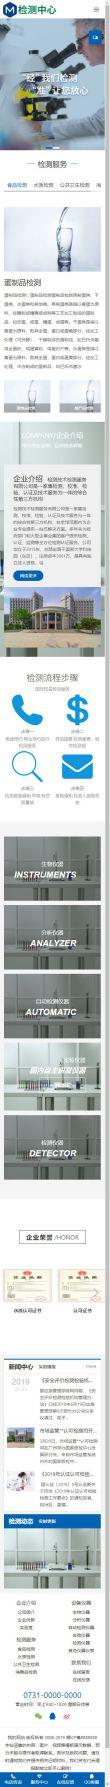 分析检测机构网站模板,分析检测机构网页模板,分析检测机构响应式模板